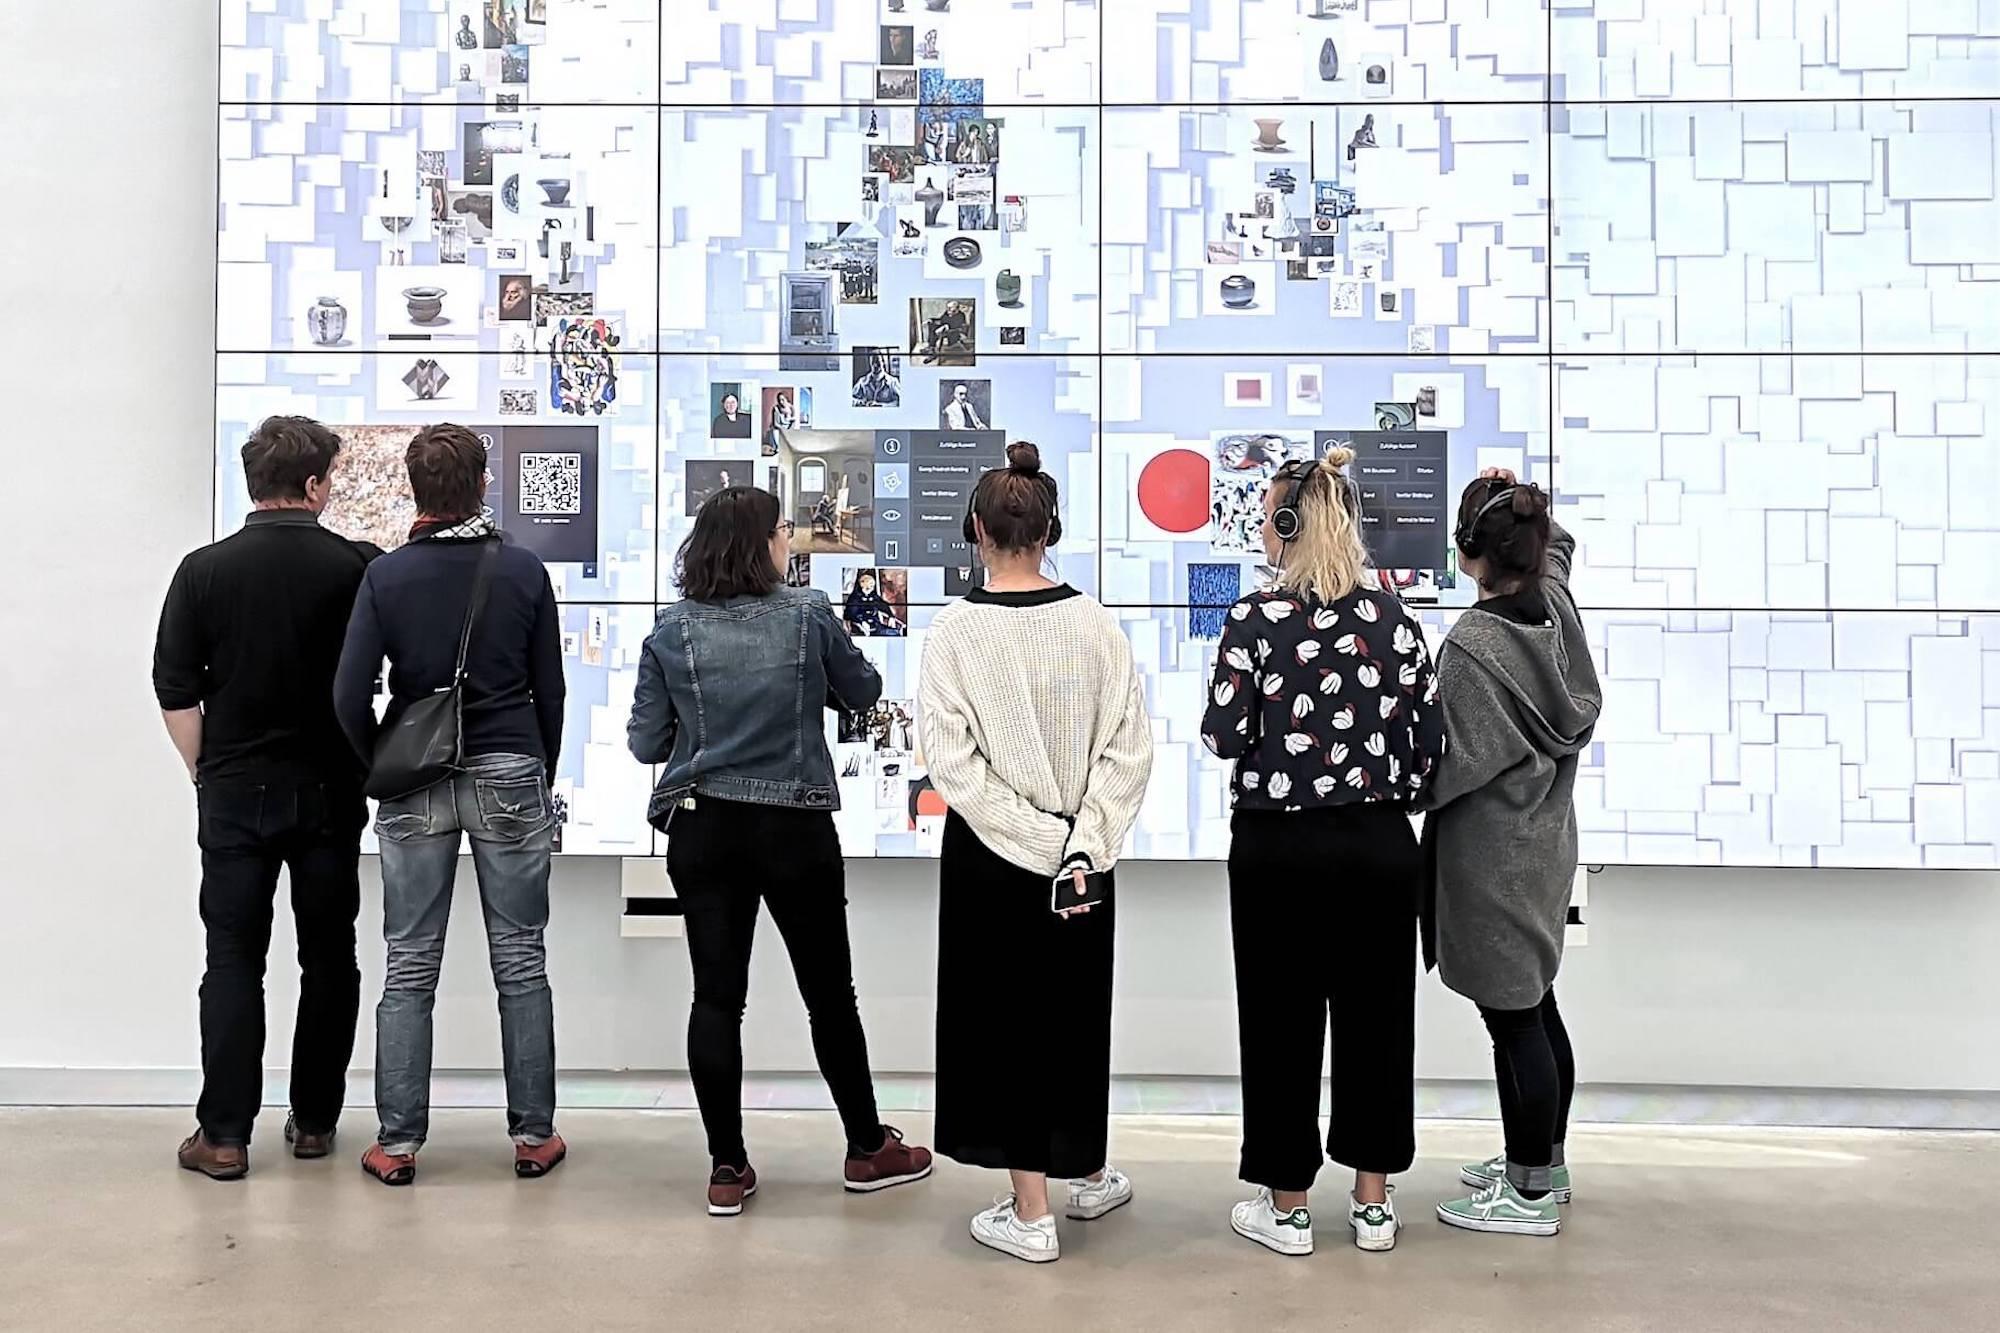 Wie entwickelt man eine Digitalstrategie für Museen und Kulturinstitutionen? Wir haben Tipps und hilfreiche Links zusammengestellt.